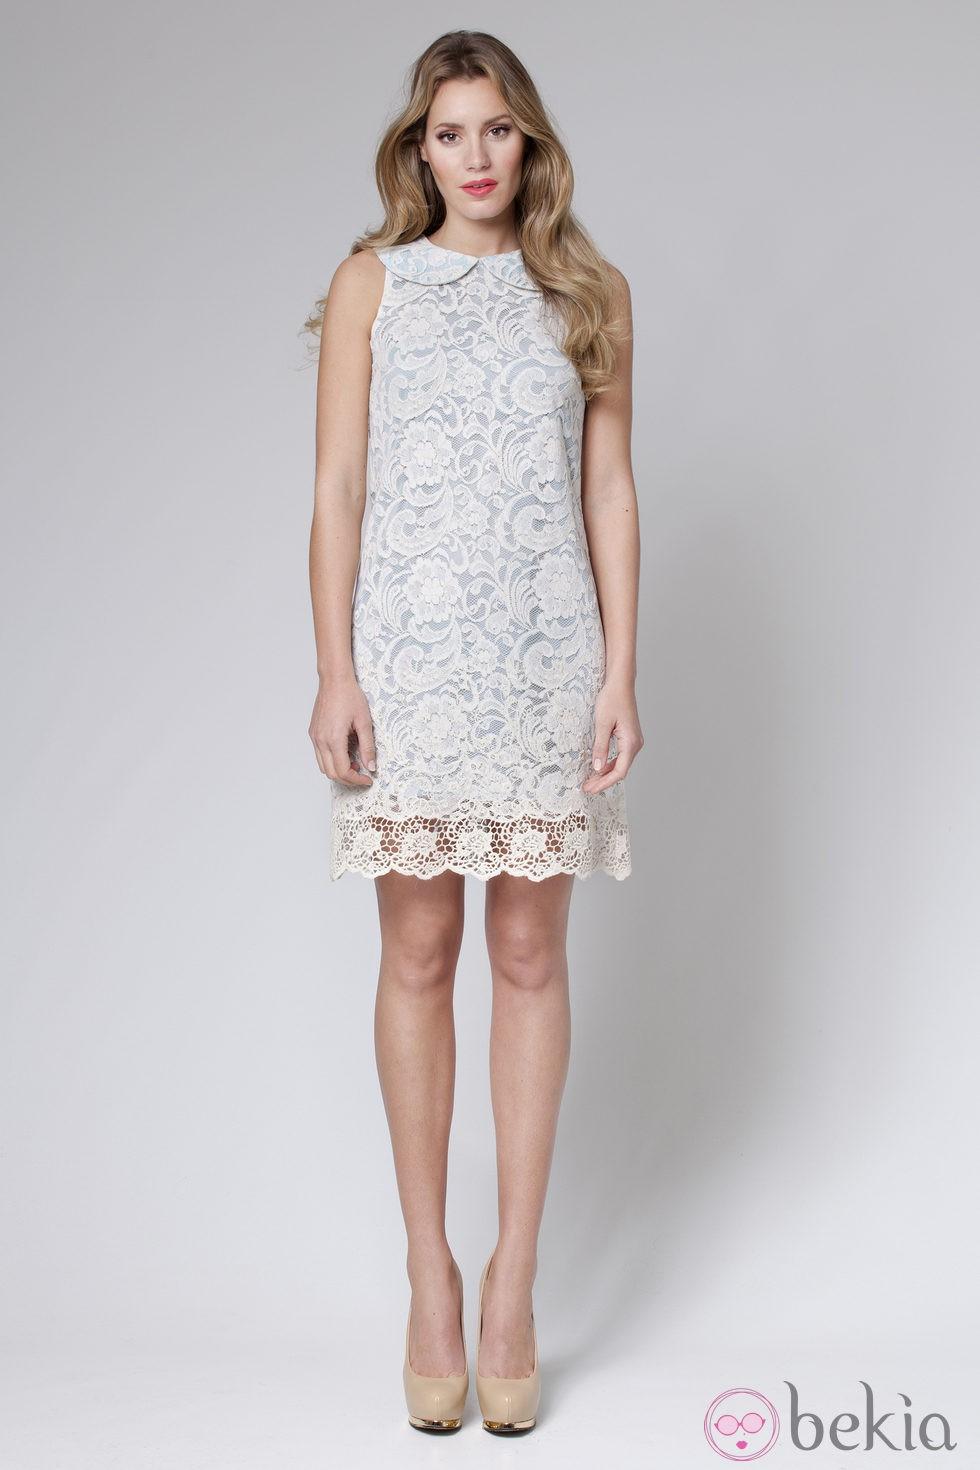 Vestido crochet de la colección primavera/verano 2013 de Poète